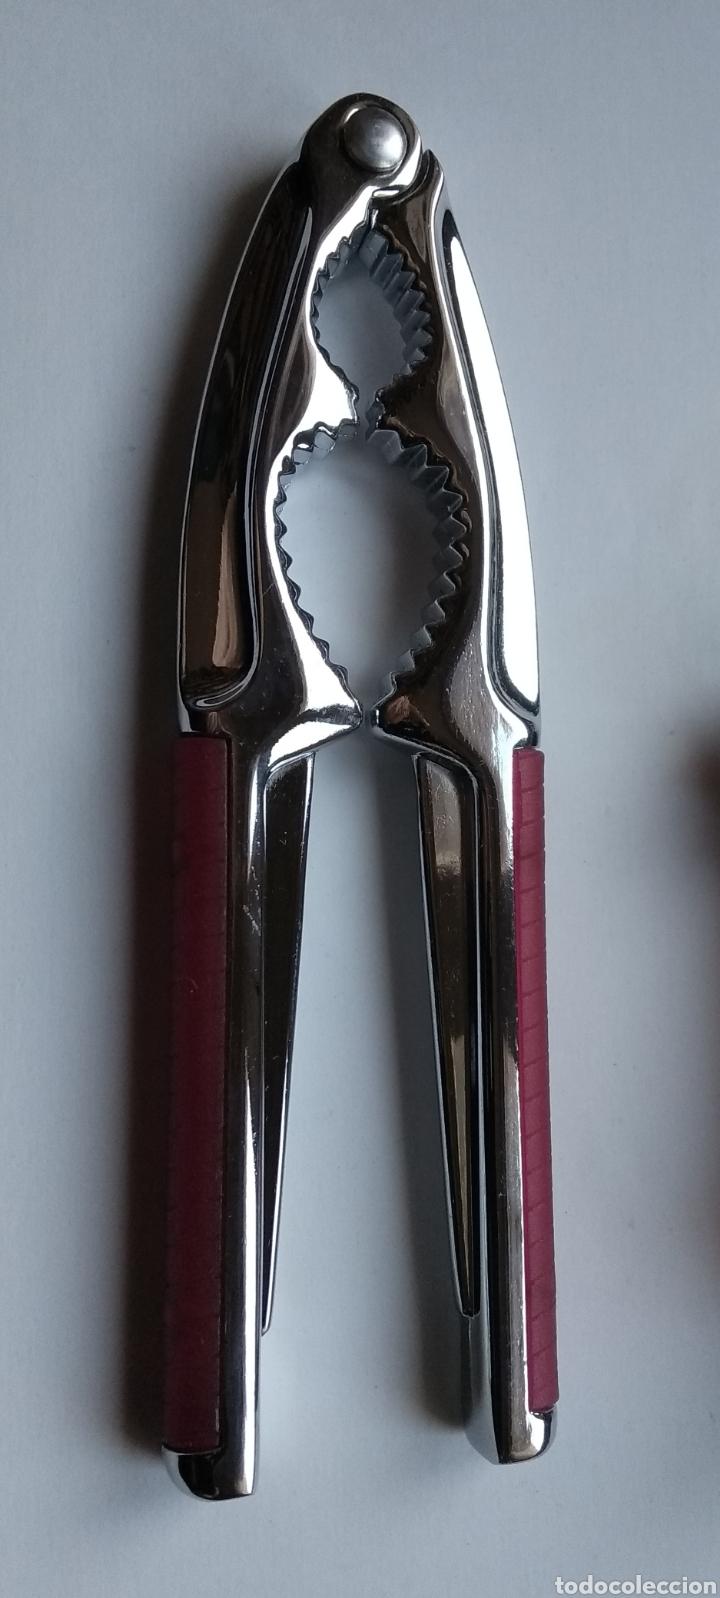 Abrebotellas y sacacorchos de colección: Abridor y cascanueces - Foto 3 - 195315441